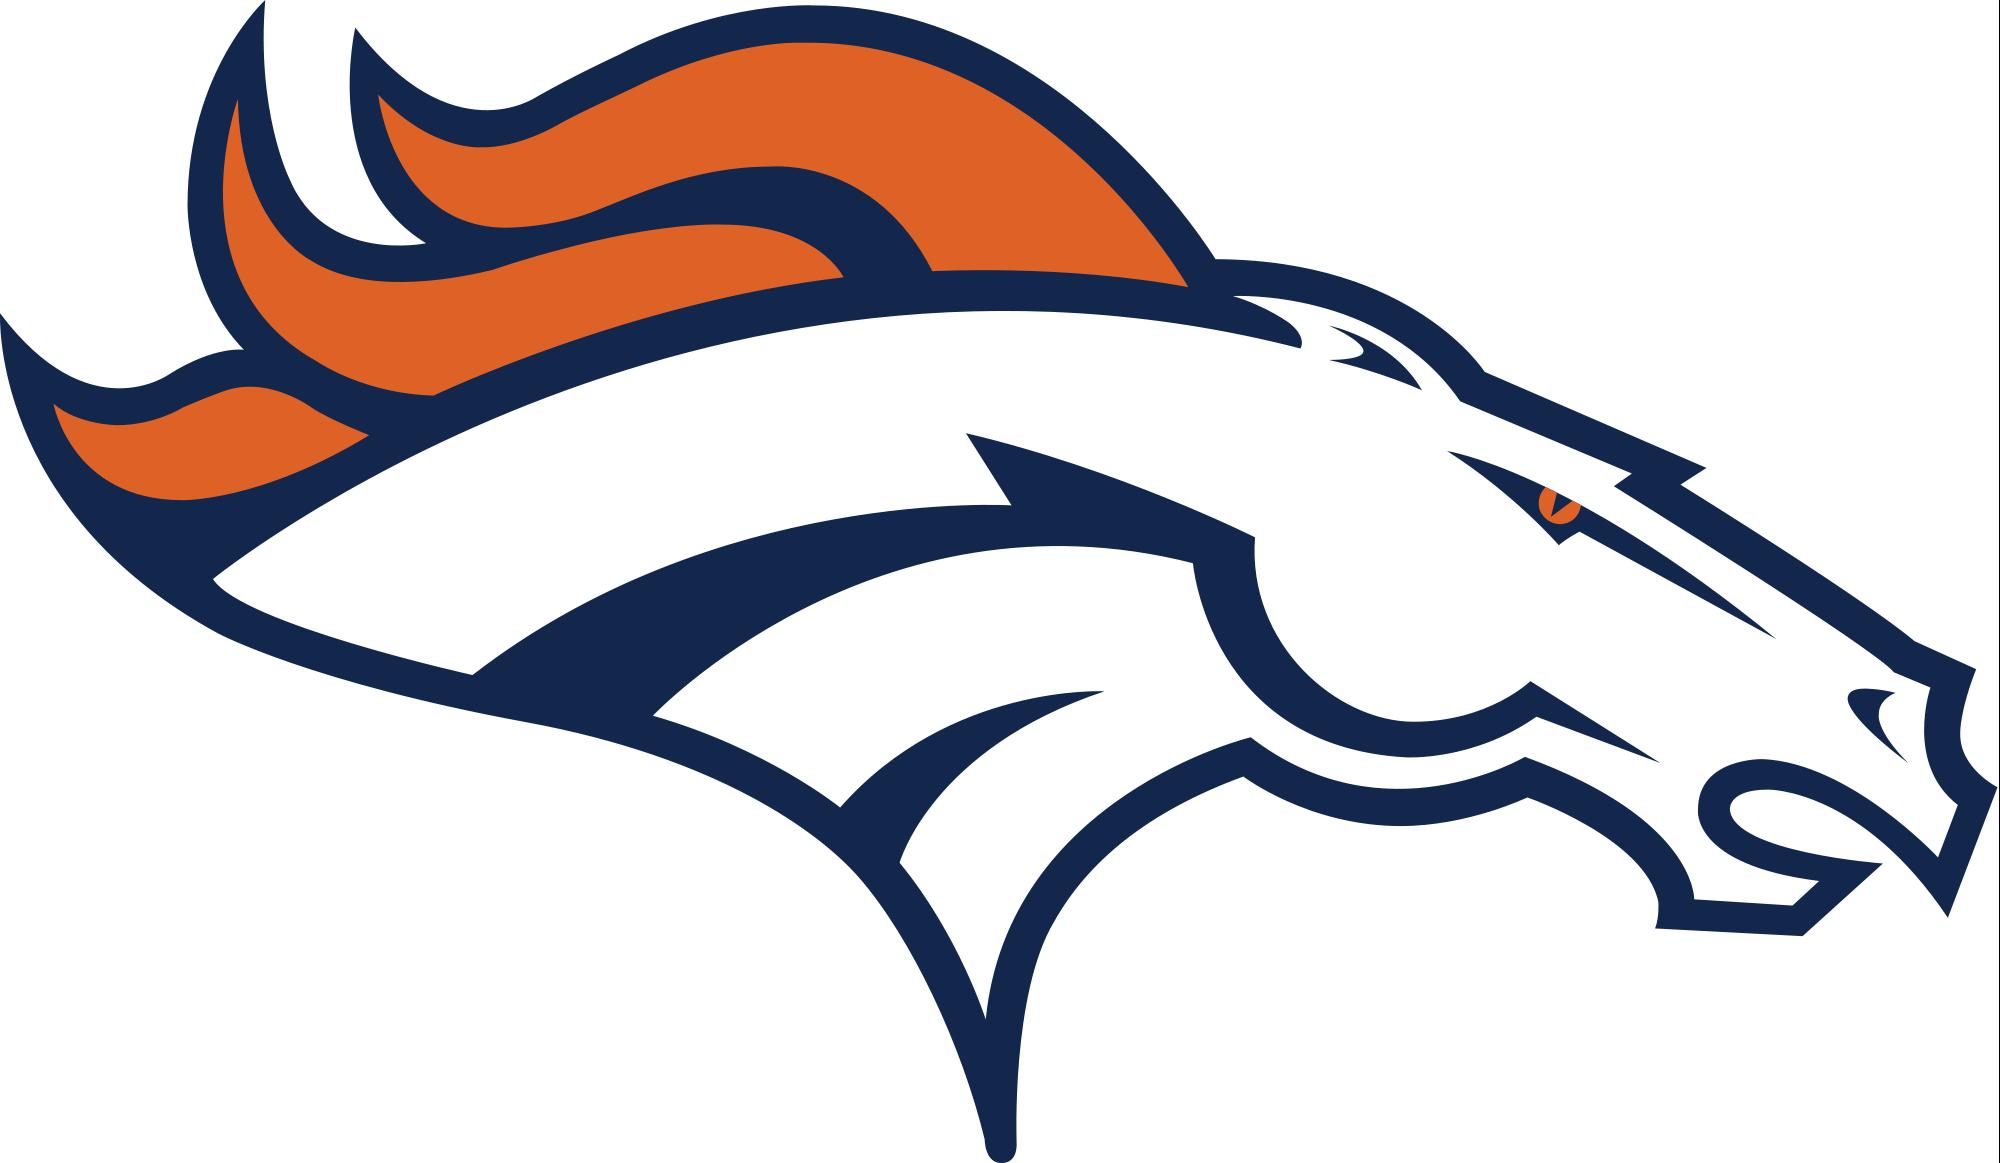 broncos logos | Denver Broncos logo - Logo Stage - logo gallery for ...